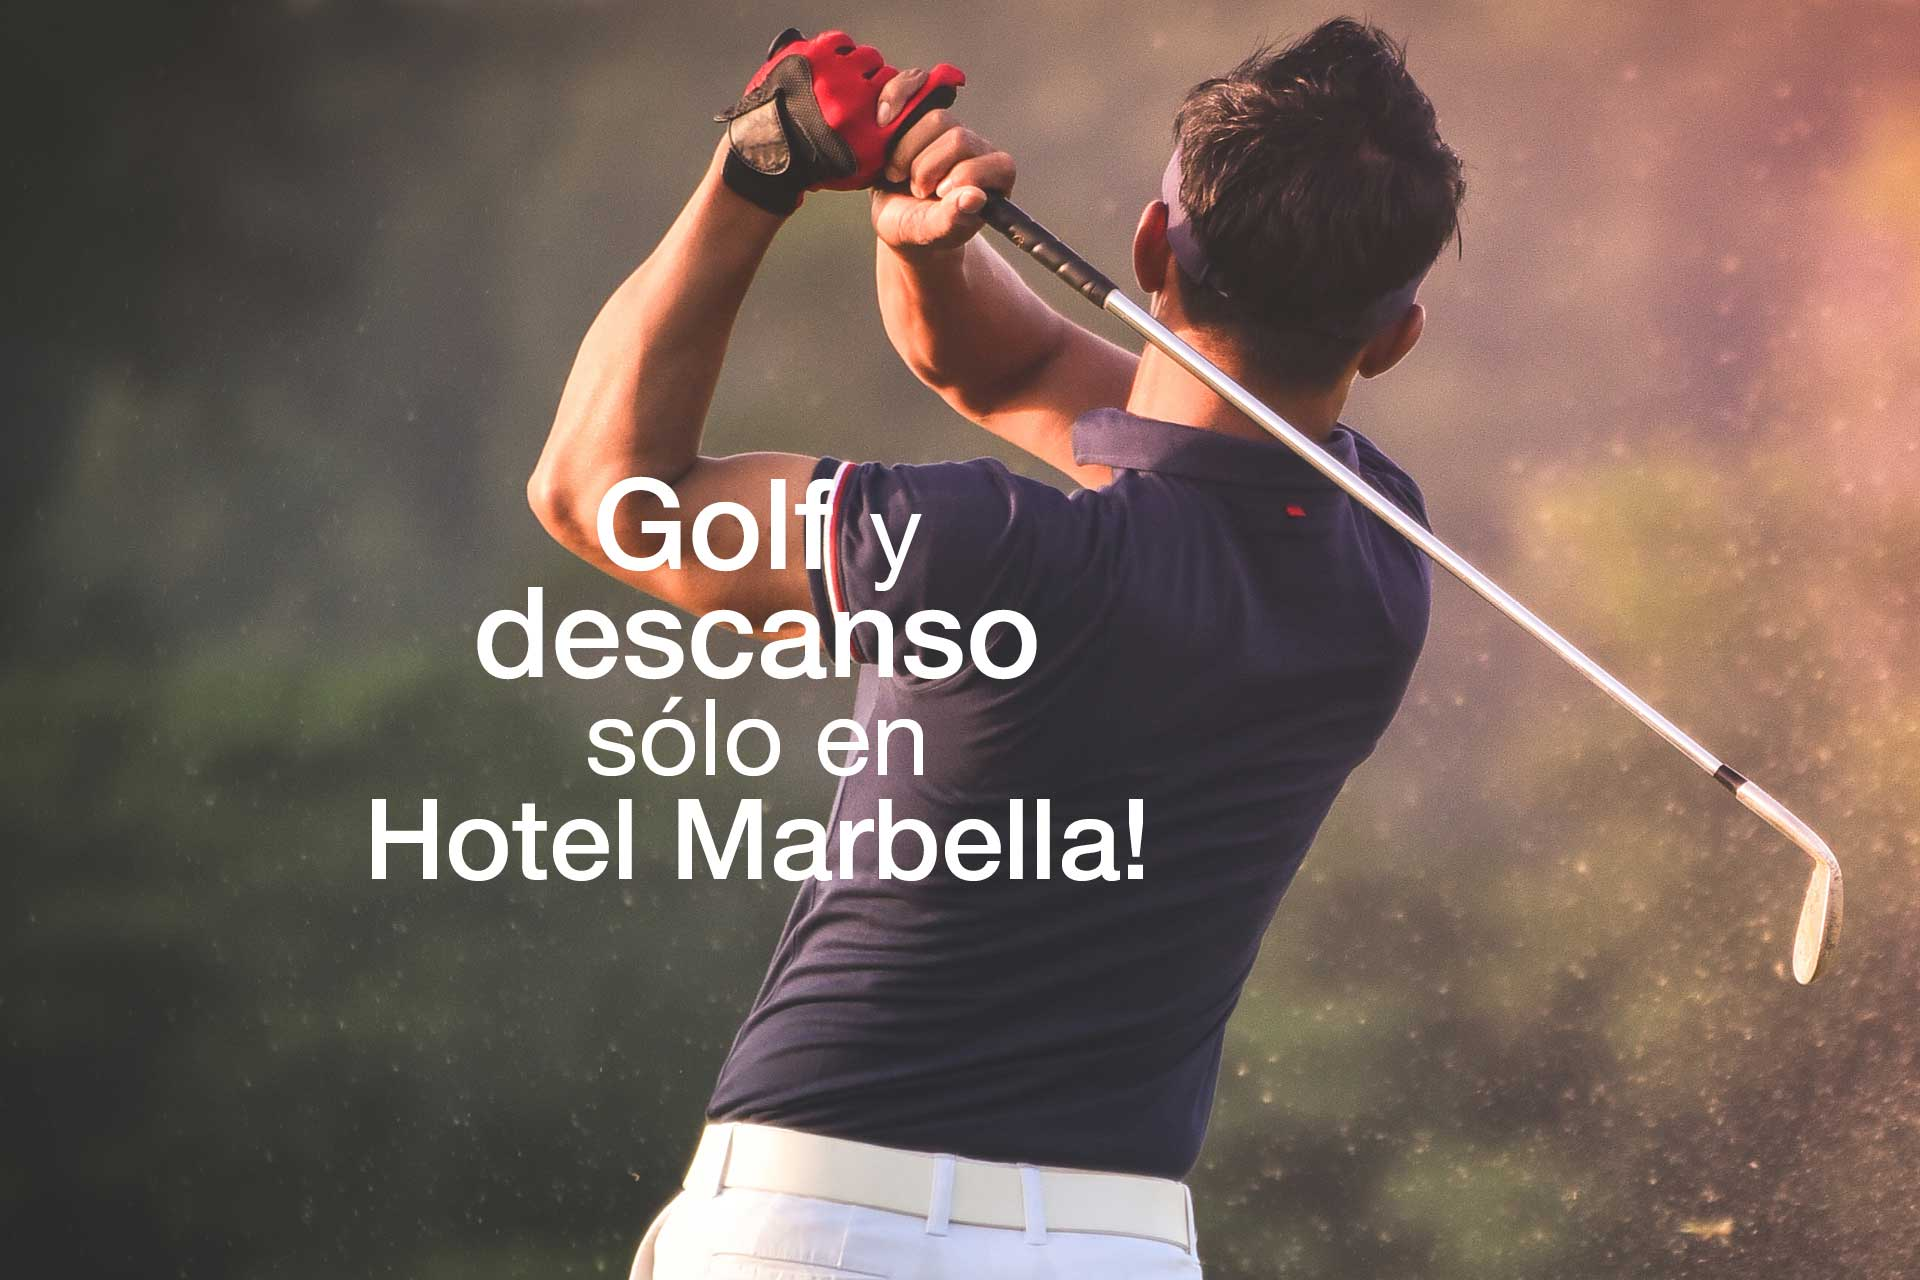 Hotel_Marbella_Resort_golf